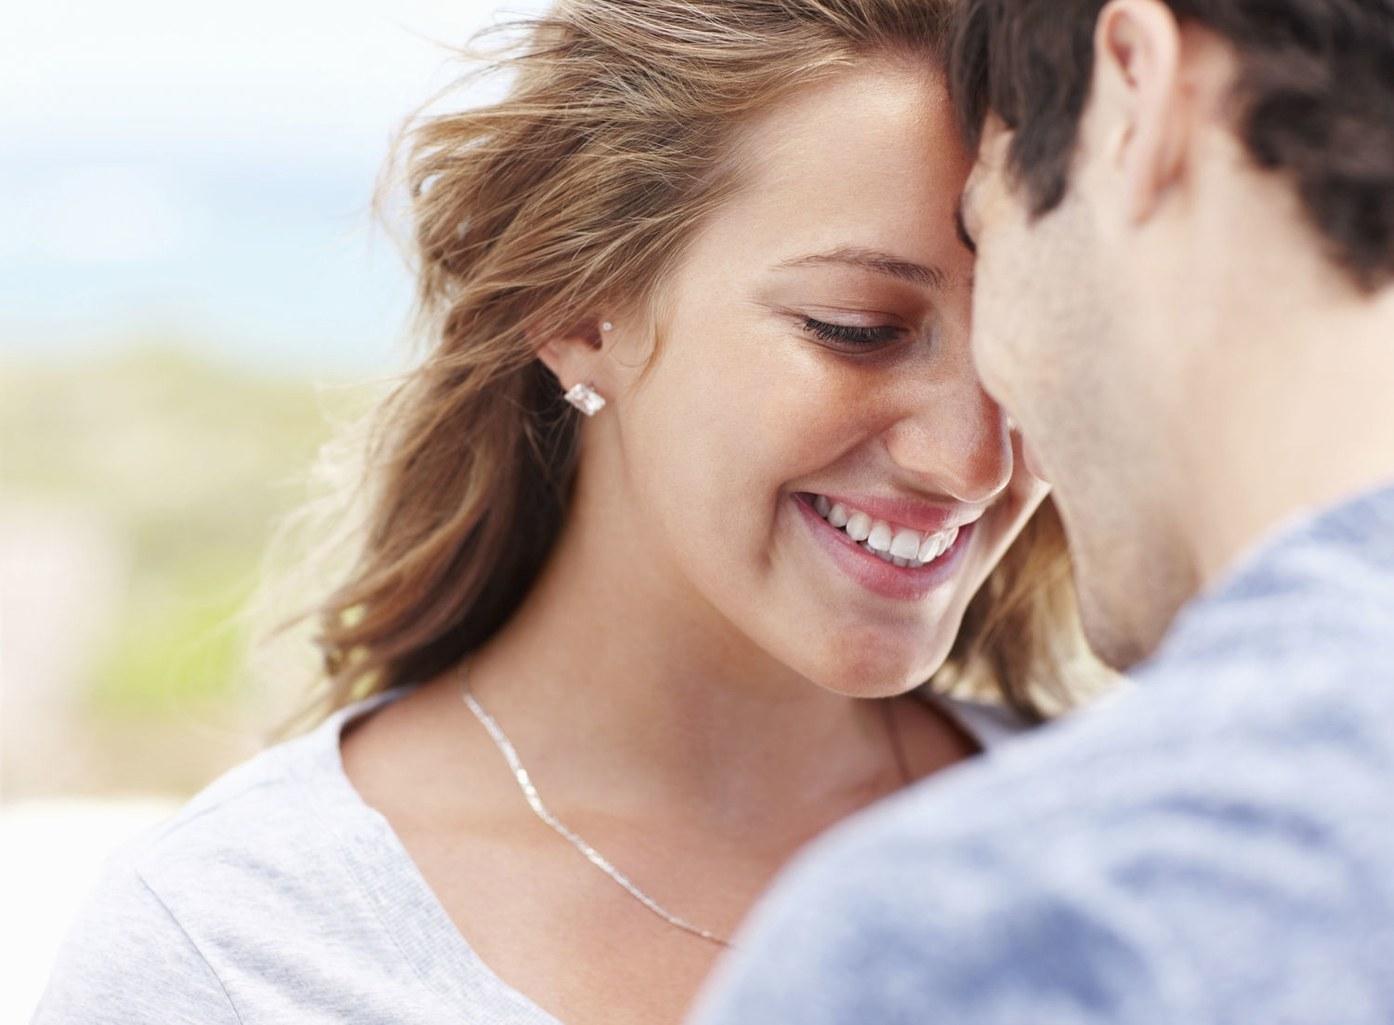 Καλά ανοίγματα για online dating